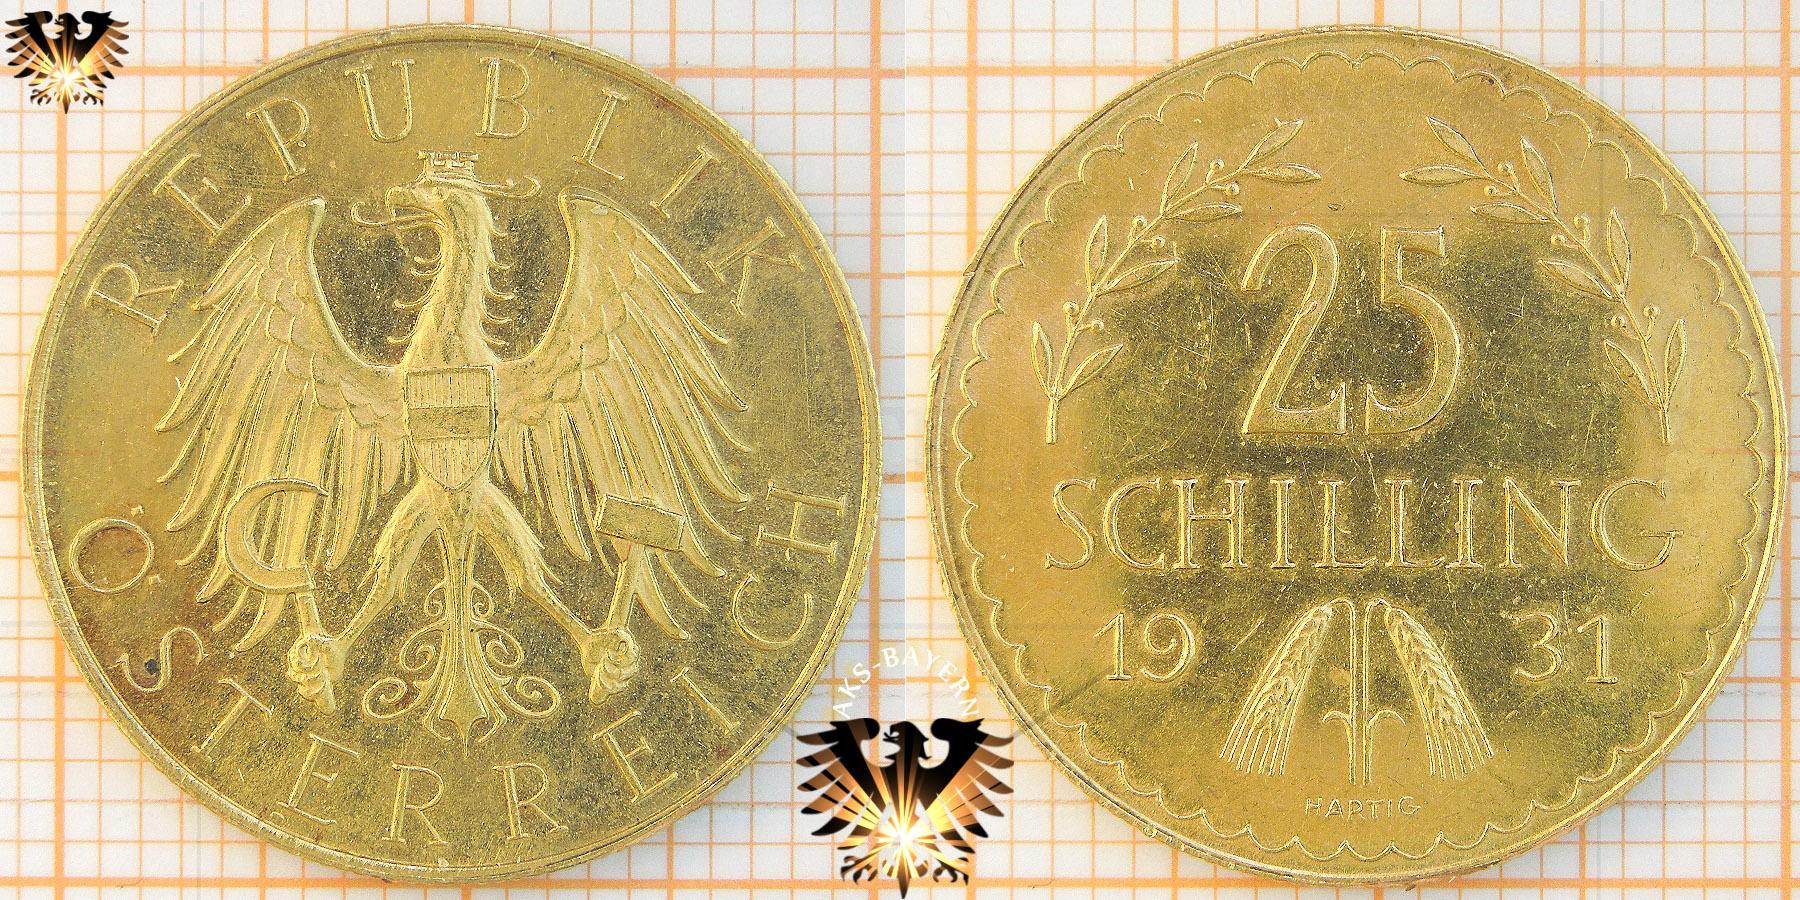 25 Schilling 1960 Kärntner Volksabstimmung 1920 Silbermünze